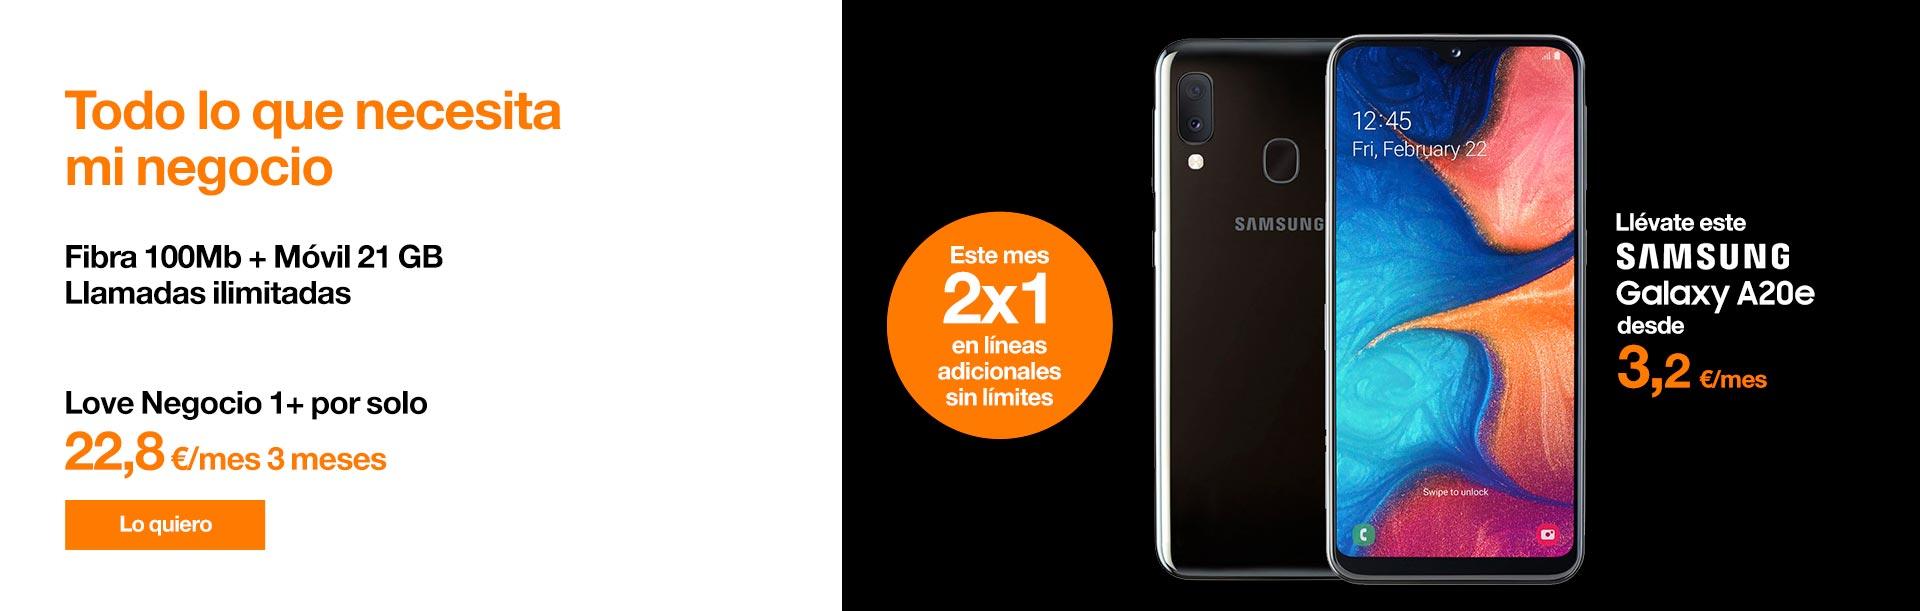 Si eres autónomo, llévate ahora la Love Negocio 1+ por solo 22,80 €/mes durante 3 meses y este Samsung Galaxy A20e desde 3,20 €